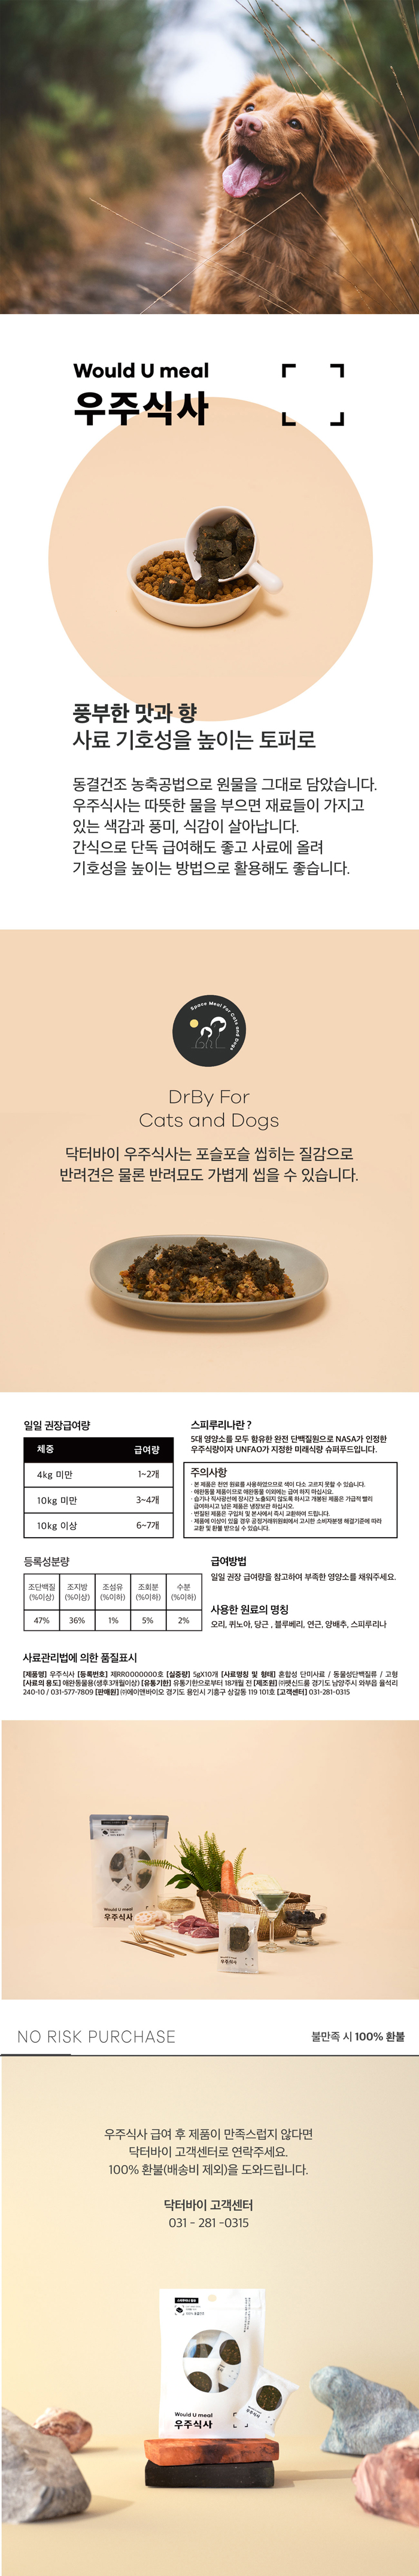 강아지 고양이 동결건조 영양특식 우주식사 - 닥터바이(DOCTOR BY), 16,400원, 간식/영양제, 건조간식